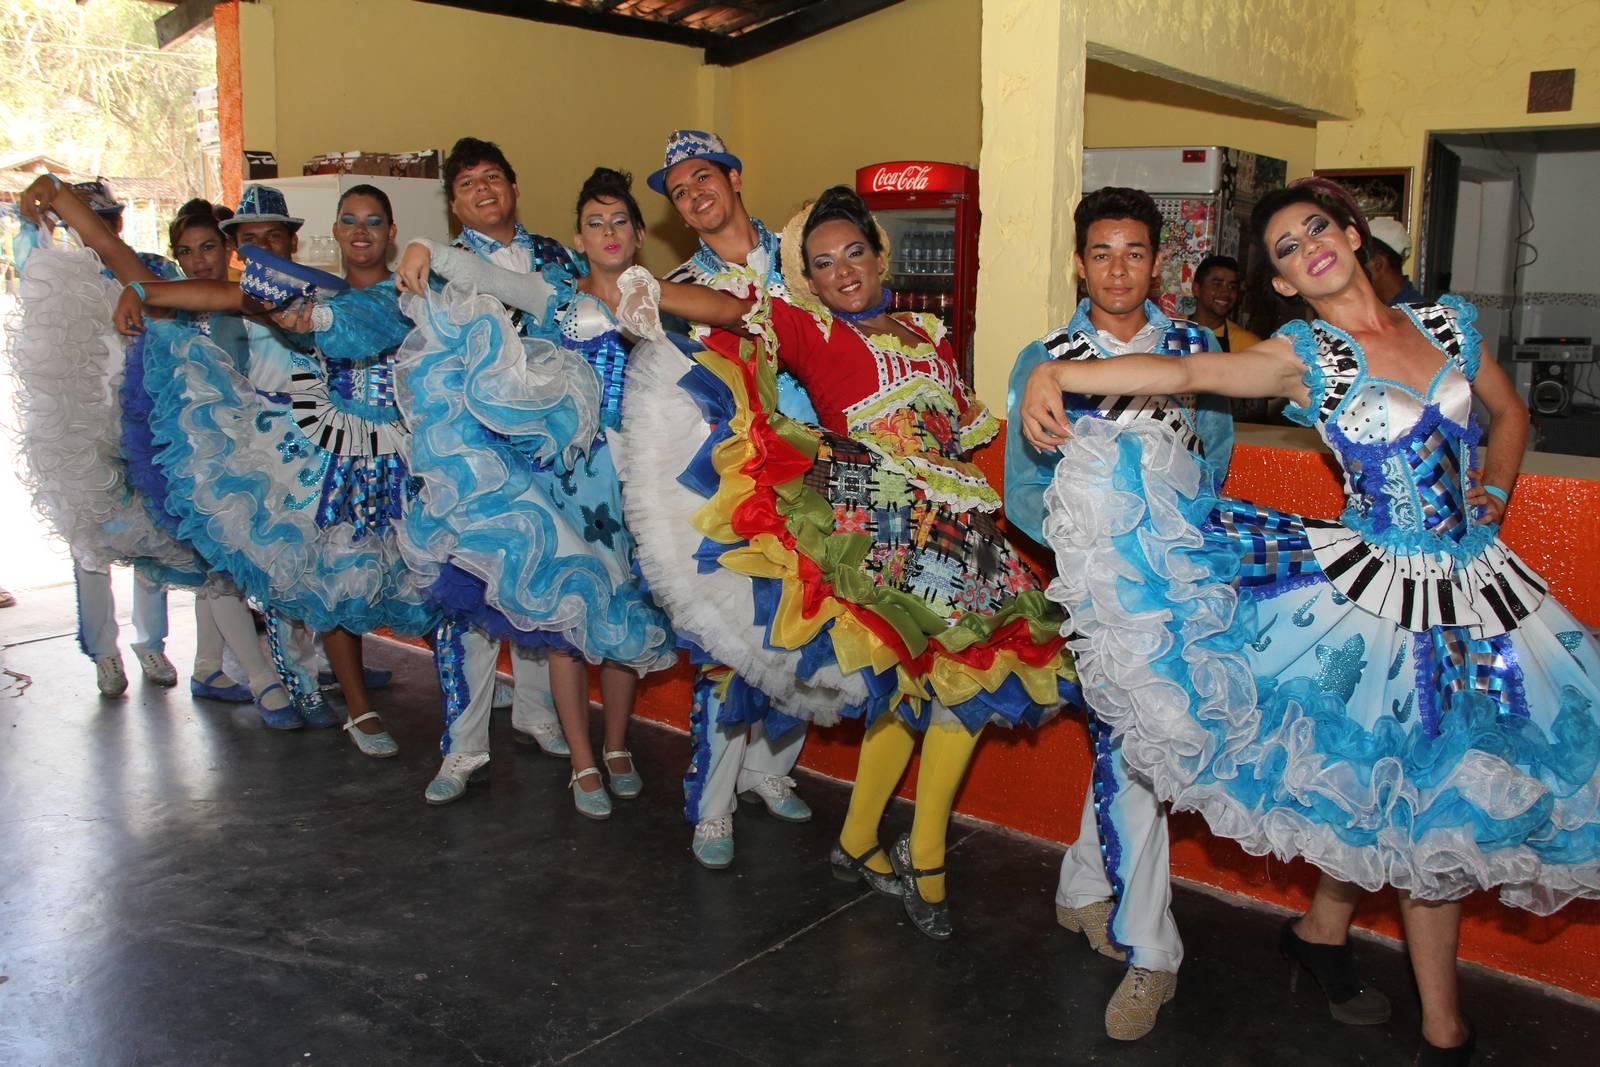 Momento de Festa e Confraternização - IV Encontro Reginal do Nordeste (15)